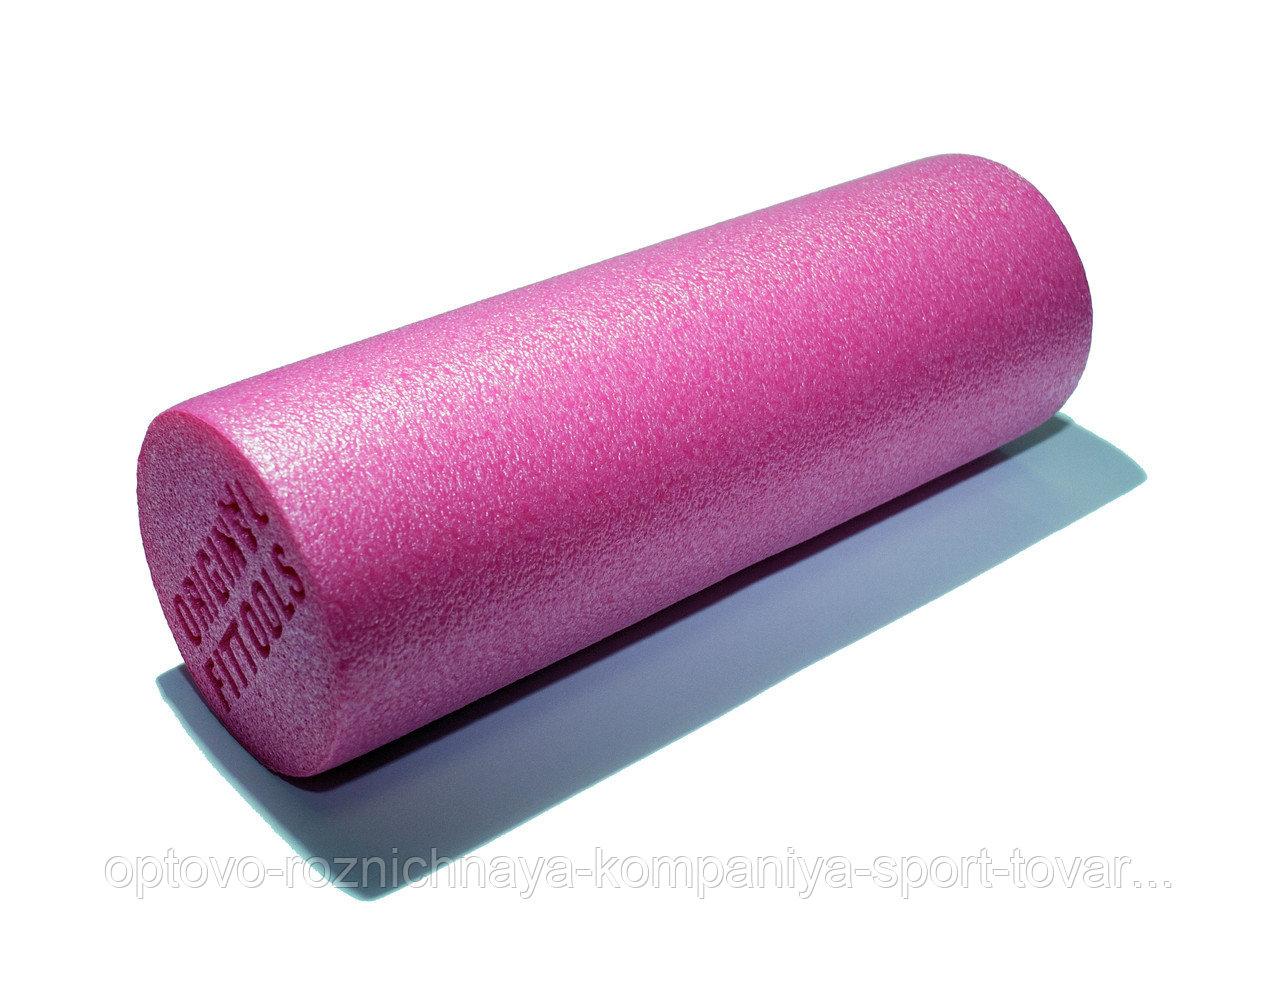 Цилиндр для йоги компактный 30 см EPE розовый (FT-YFMR-30-11-PINK)